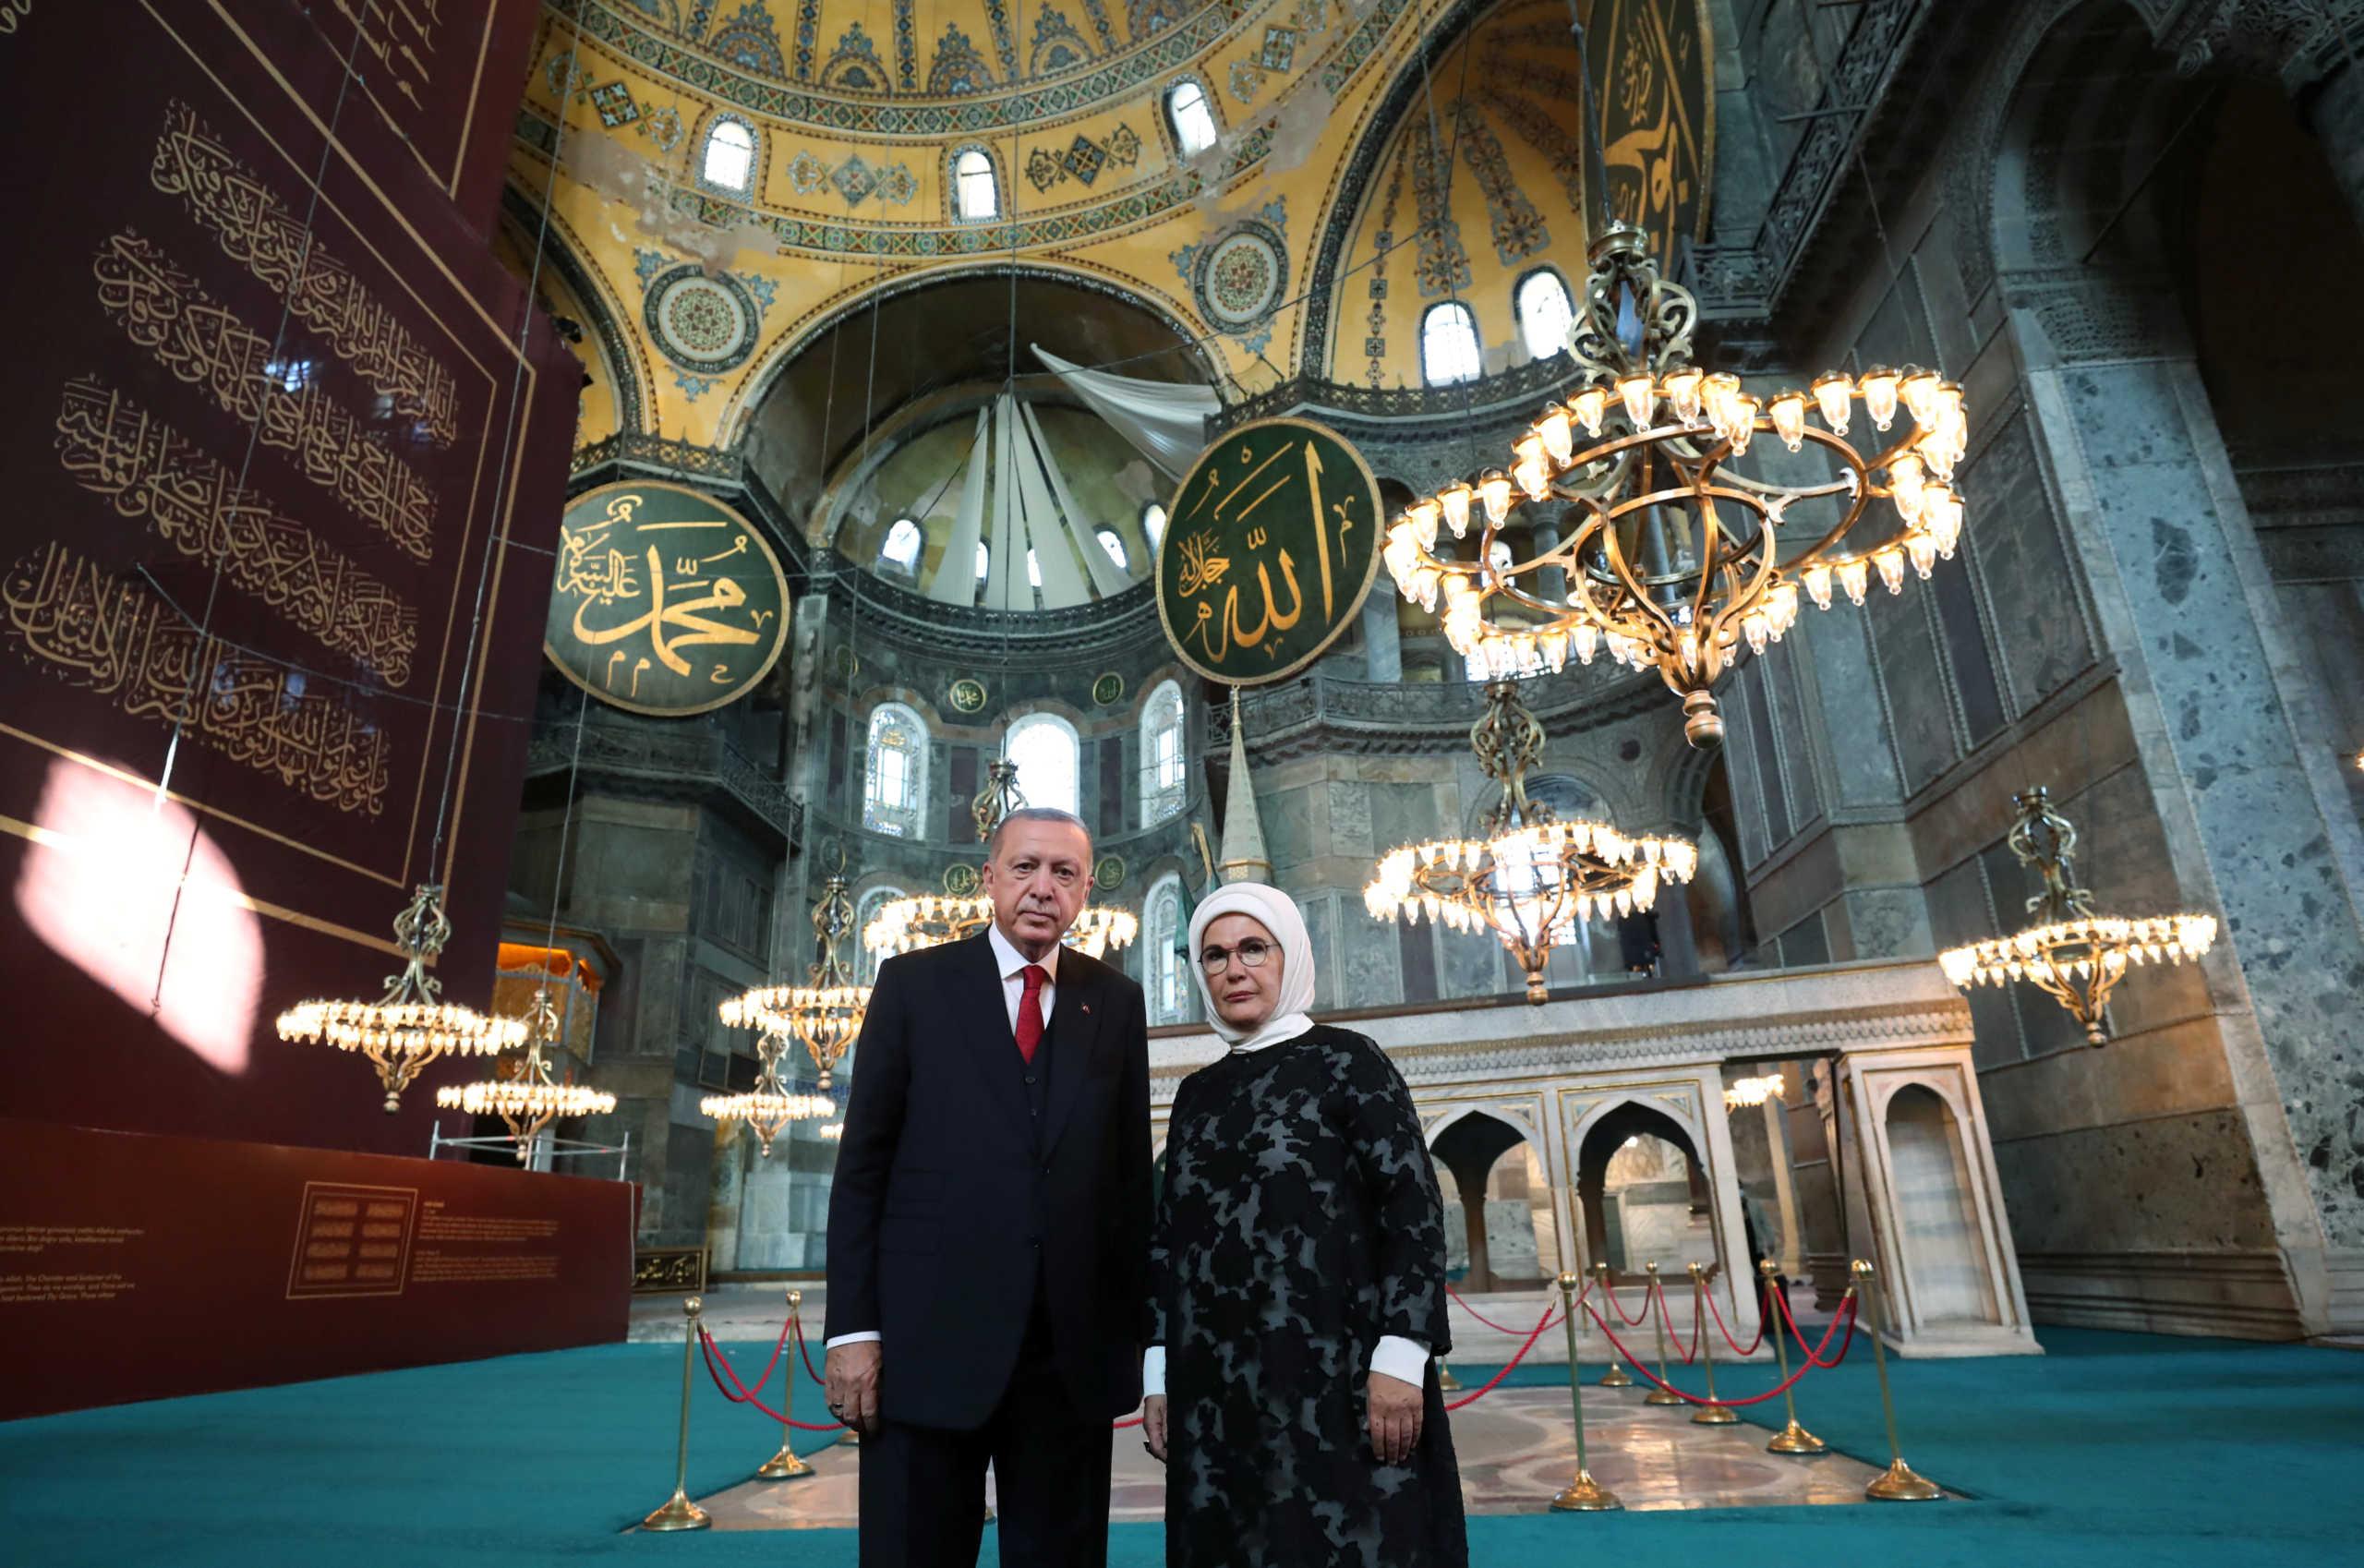 Δίχως τέλος οι προκλήσεις Ερντογάν: Δώρισε στην Αγιά Σοφιά πίνακα με στίχους από το Κοράνι